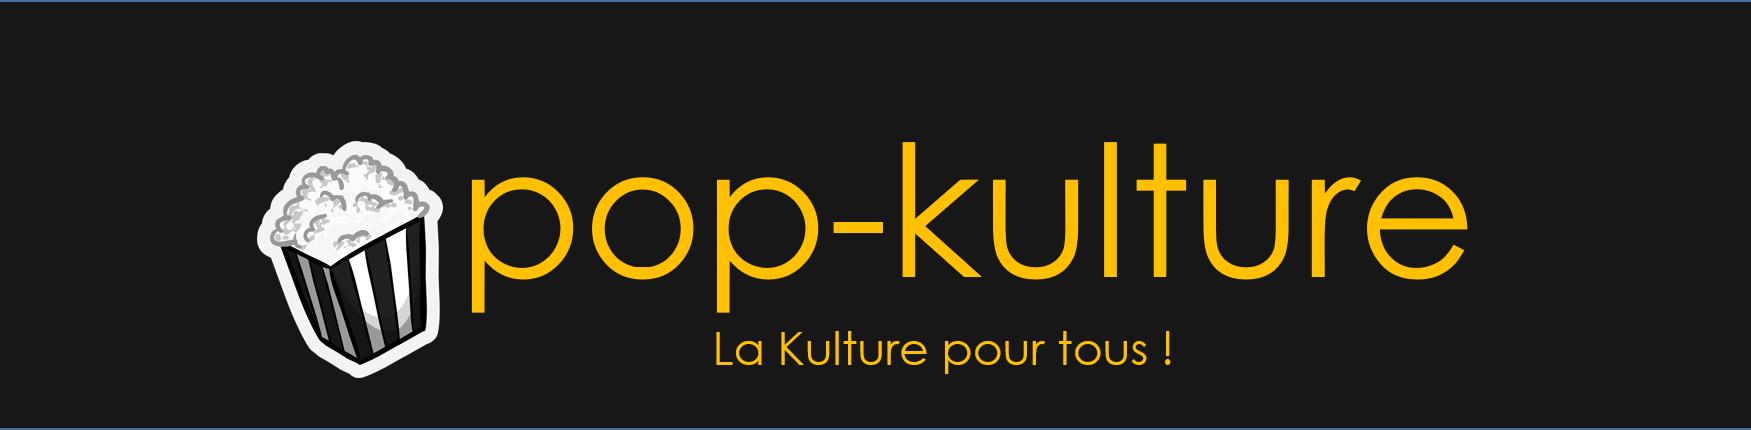 cropped-pop-kulture-logo-4.png